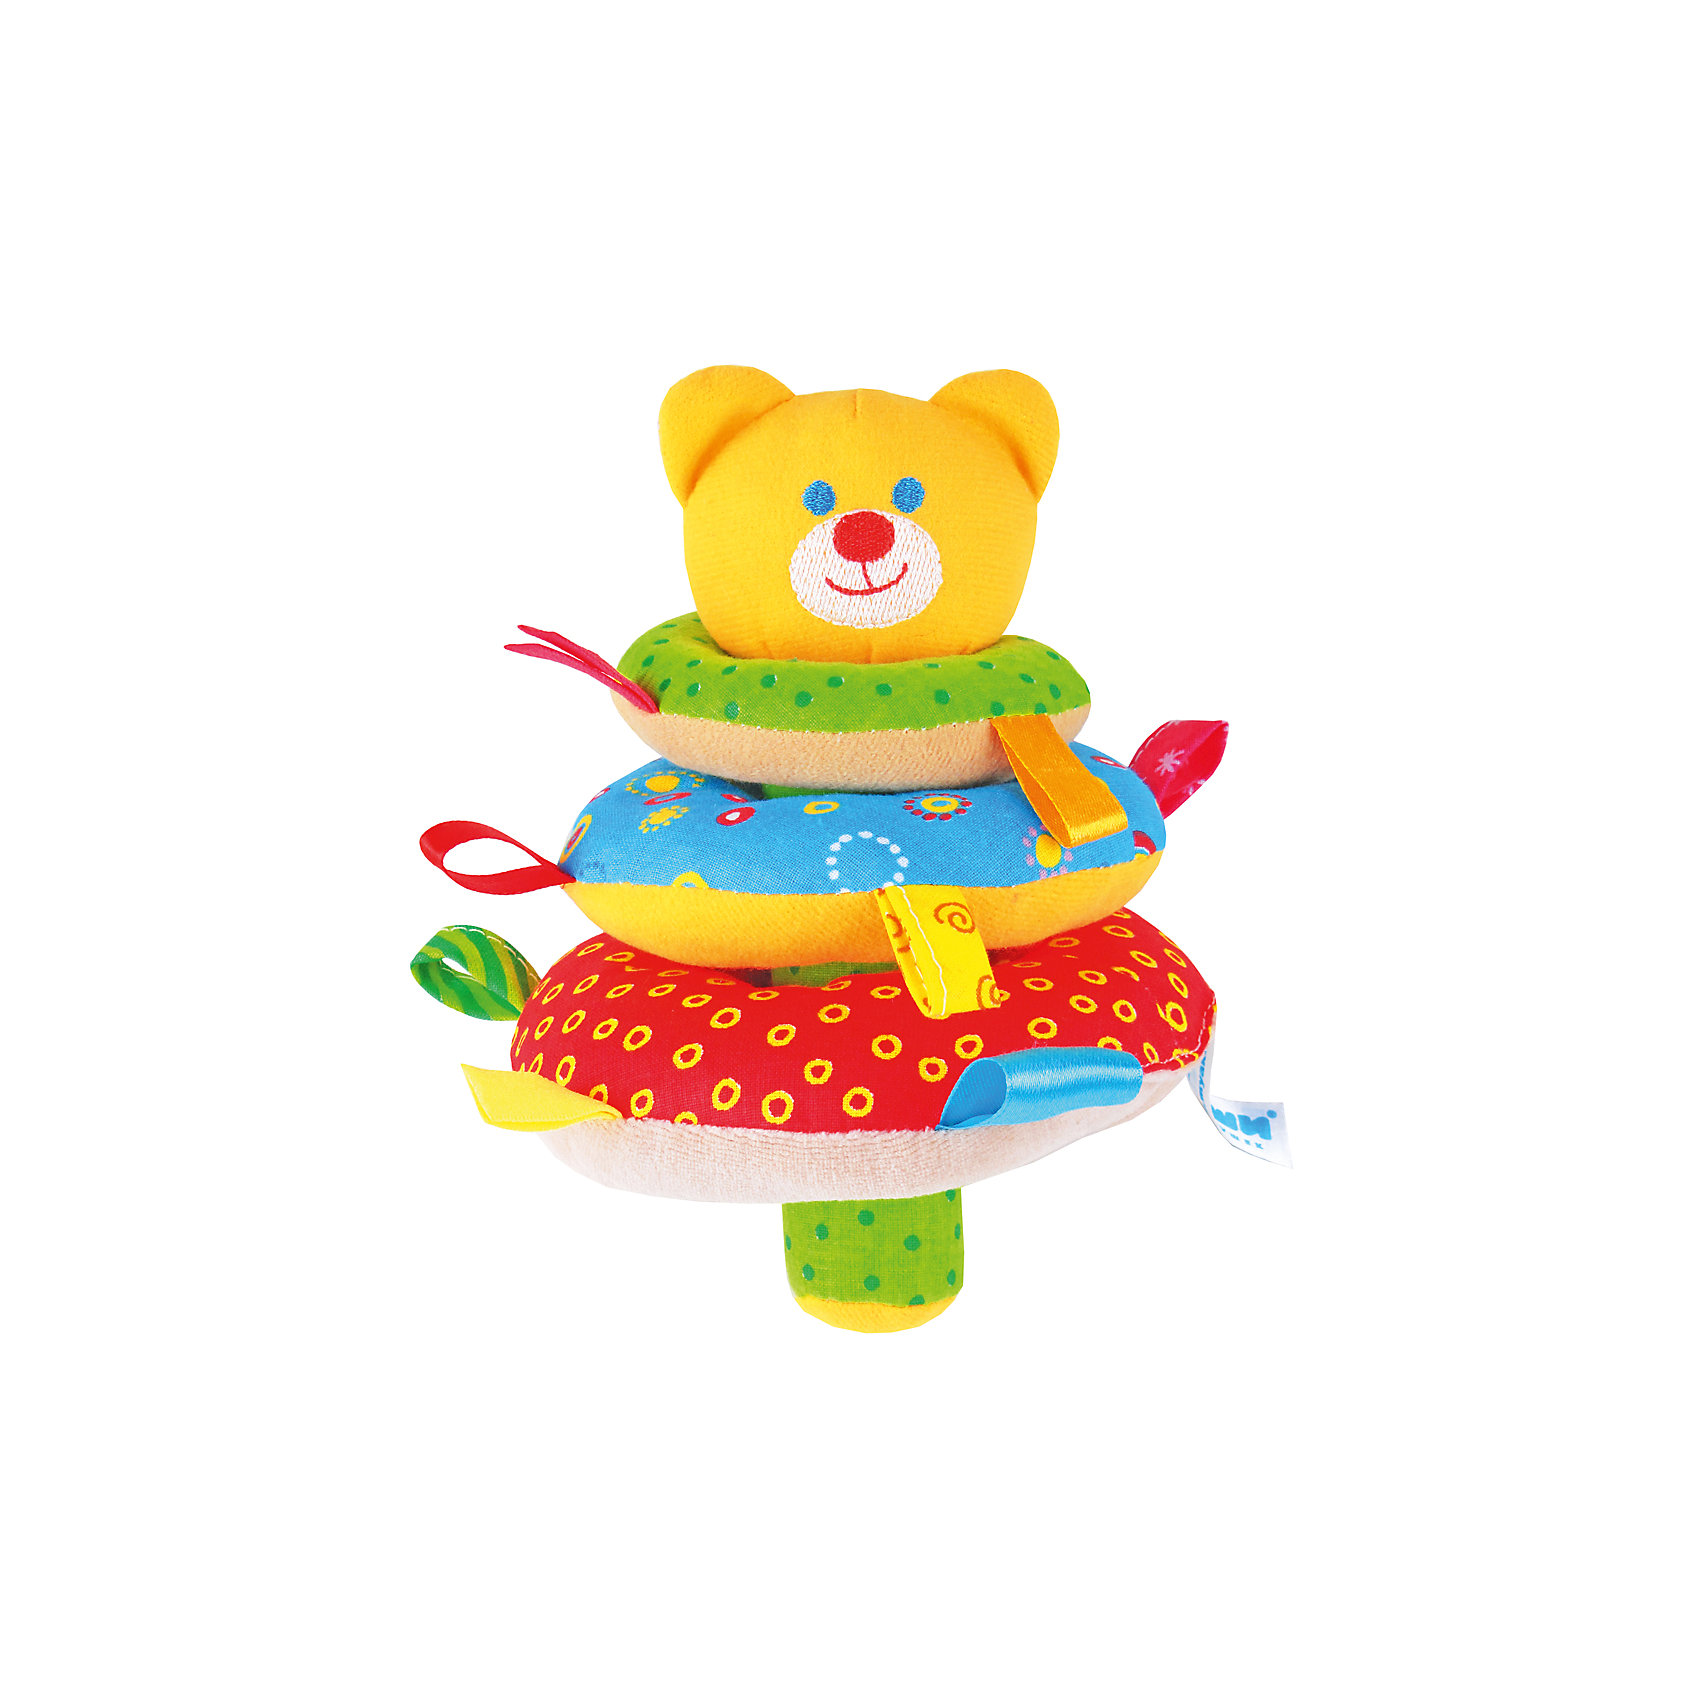 Игрушка ШуМякиши. Пирамидка, МякишиМягкая пирамидка с погремушкой Мишка - это большое количество всевозможных цветных петелек и разнофактурных материалов. У игрушки приятная на ощупь хрустящая ручка. Внутри Мишки и большого колечка погремушка.<br>Игрушка разработана специально для развития мелкой моторики, сенсорного развития, координации движений и тактильных ощущений малыша. <br><br>Дополнительная информация:<br><br>- Материал: хлопок 100%.<br>- Размер :25х15 см.<br>- Погремушка внутри.<br>- Хрустящая ручка.<br>- Цветные петельки.<br>- Разнофактурные материалы.<br><br>Игрушку ШуМякиши. Пирамидка, Мякиши, можно купить в нашем магазине.<br><br>Ширина мм: 200<br>Глубина мм: 150<br>Высота мм: 150<br>Вес г: 200<br>Возраст от месяцев: 12<br>Возраст до месяцев: 36<br>Пол: Унисекс<br>Возраст: Детский<br>SKU: 4532678